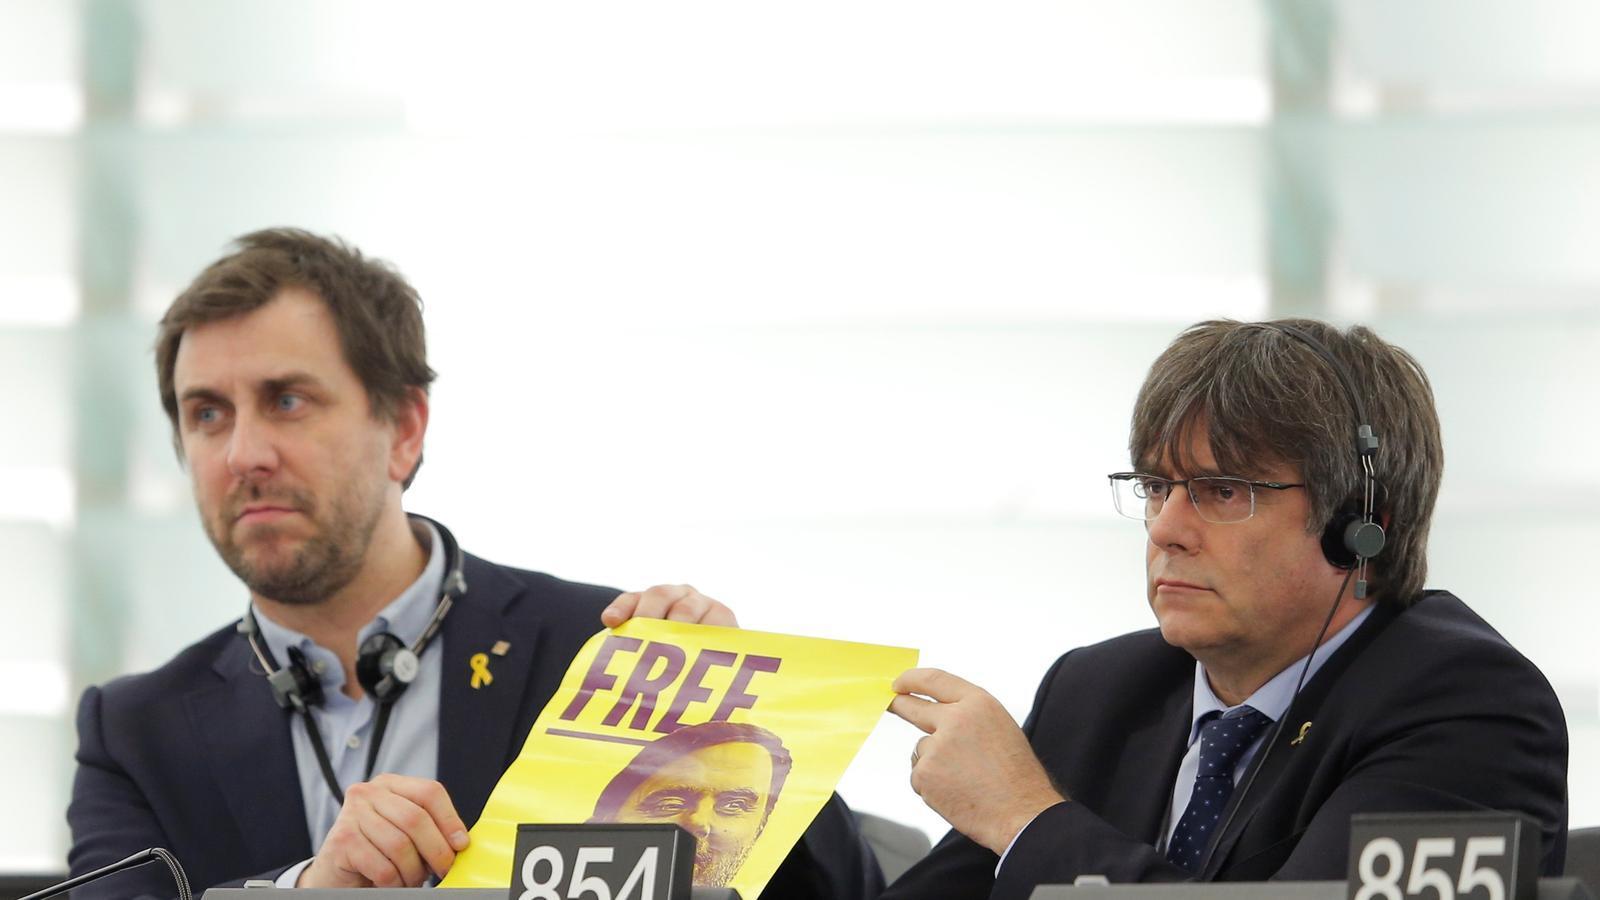 https://www.ara.cat/2020/01/13/imatges/Puigdemont-Junqueras-Parlament-Europeu-Estrasburg_2379972226_68835282_735x273.jpg